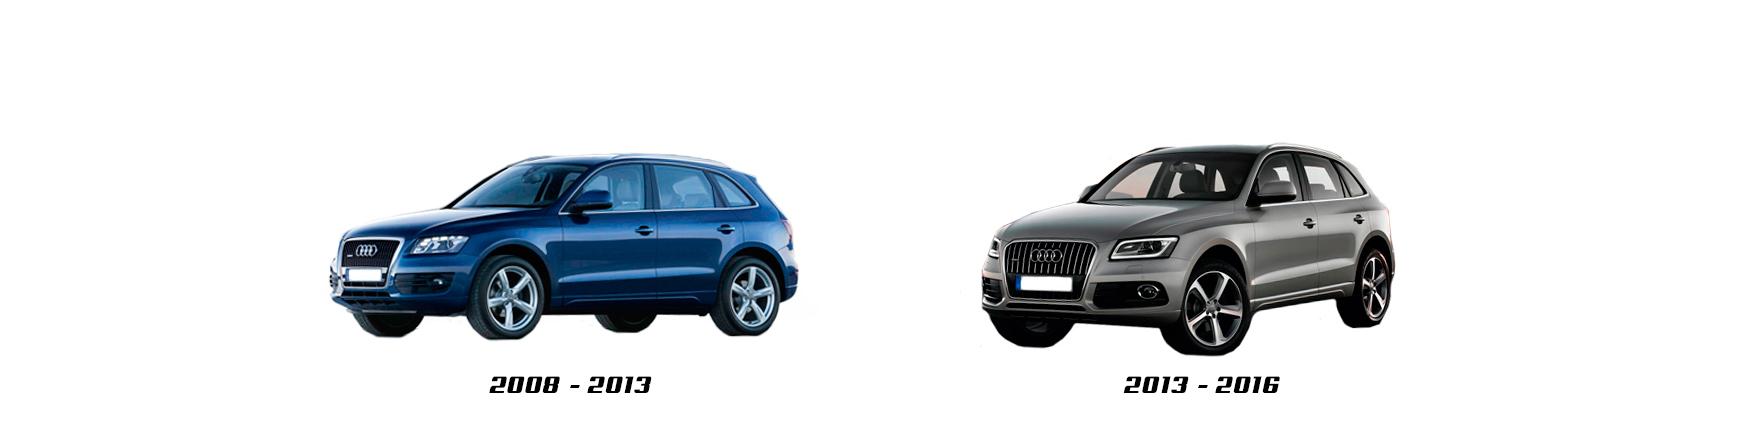 Audi Q5 de 2008 - 2012. Recambios de calidad al mejor precio.